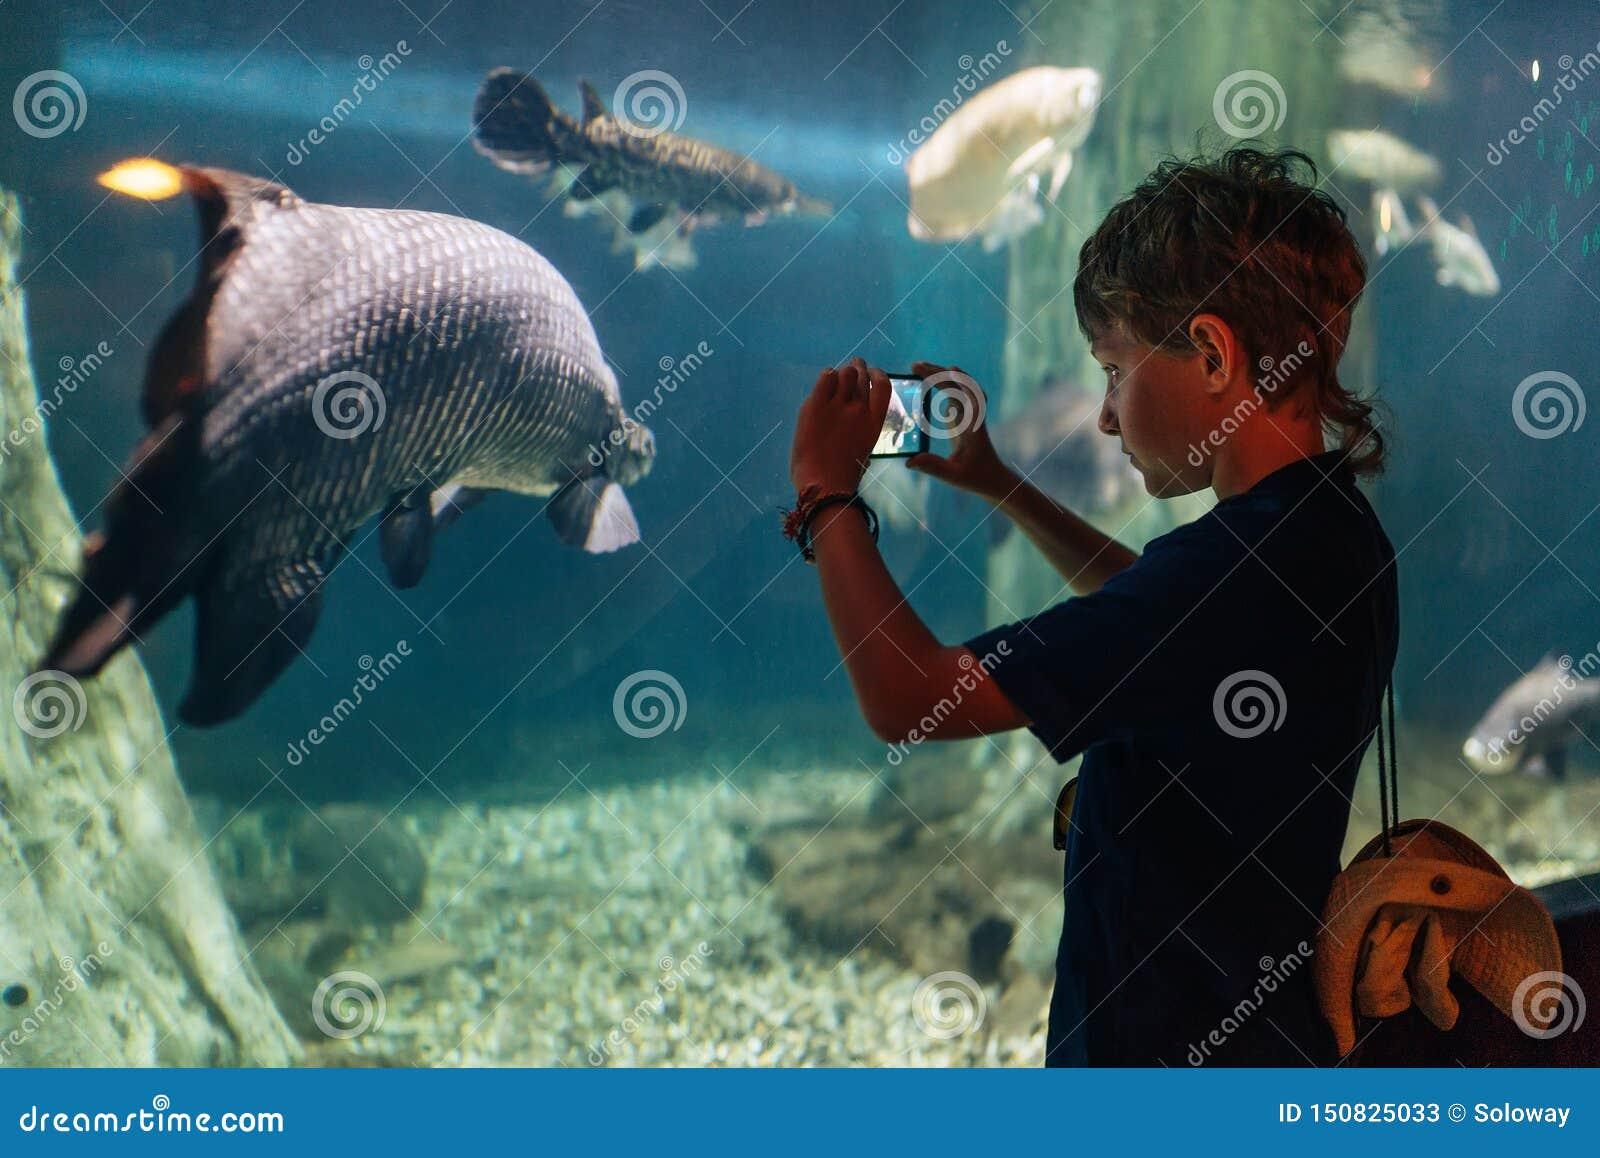 Ragazzo che per mezzo di un telefono che prende una foto dell arapaima gigas o del pirarucu che vive nel Rio delle Amazzoni nell